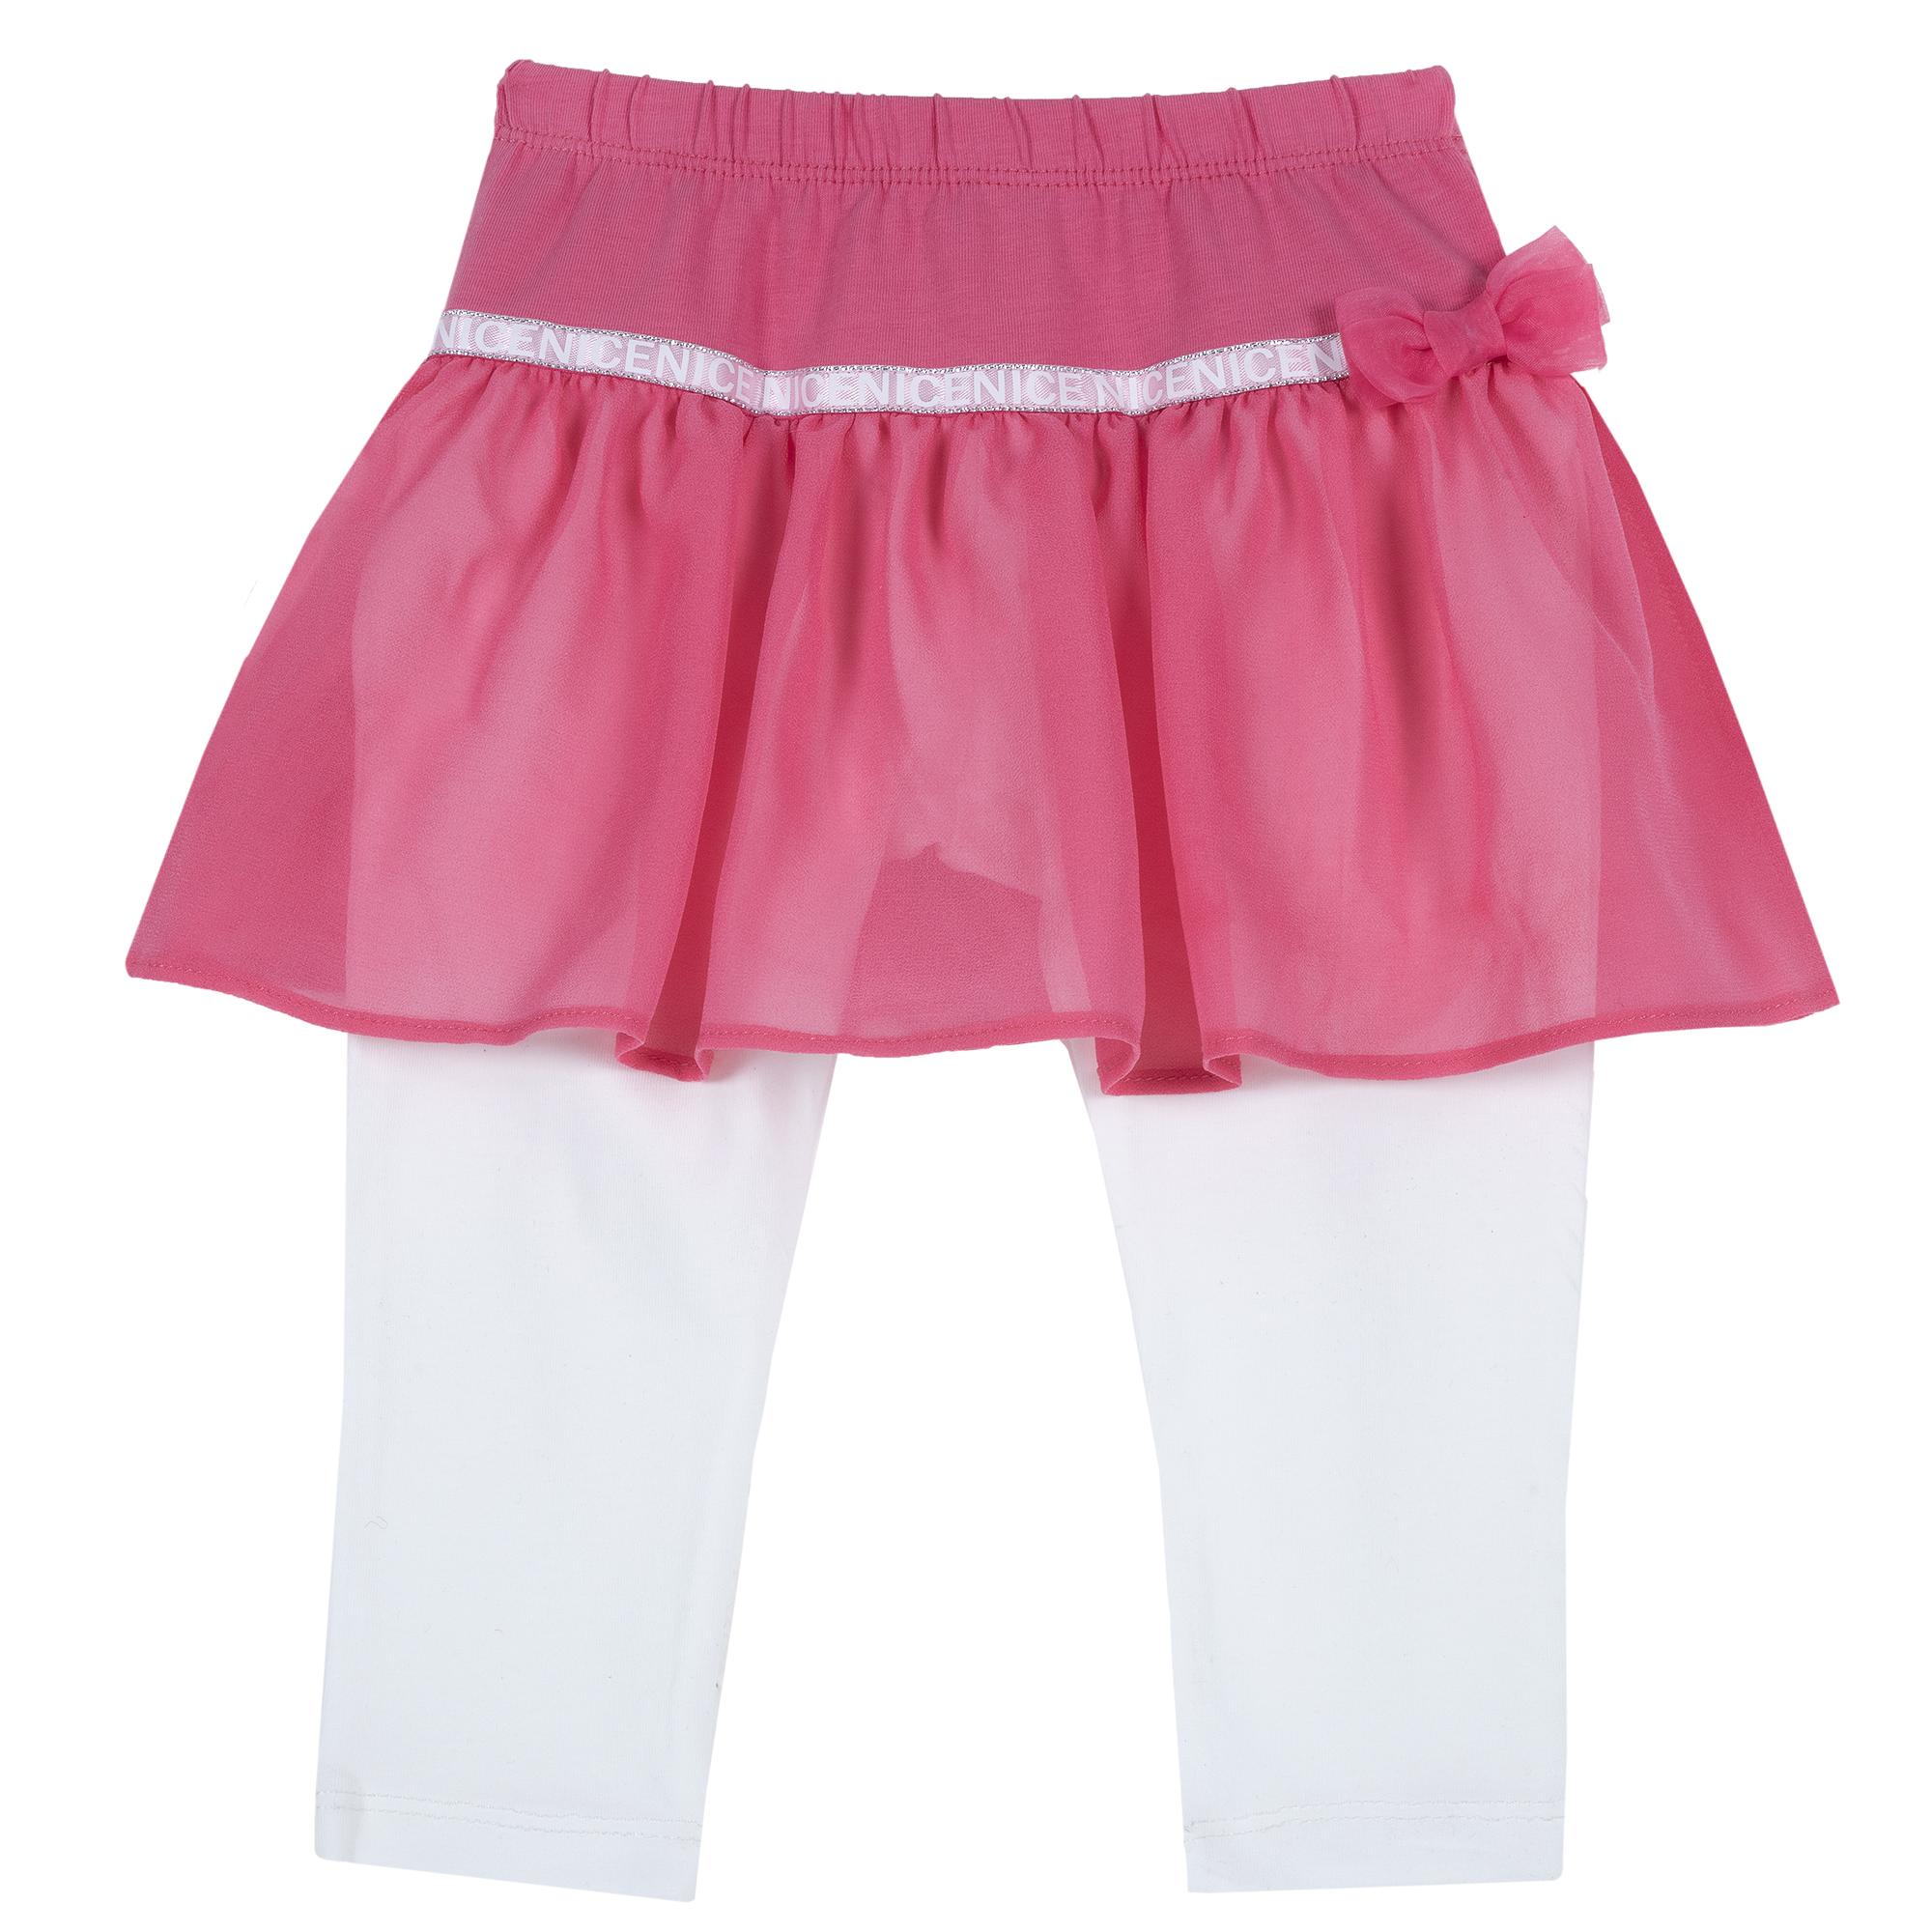 Fusta copii Chicco voal alb cu roz